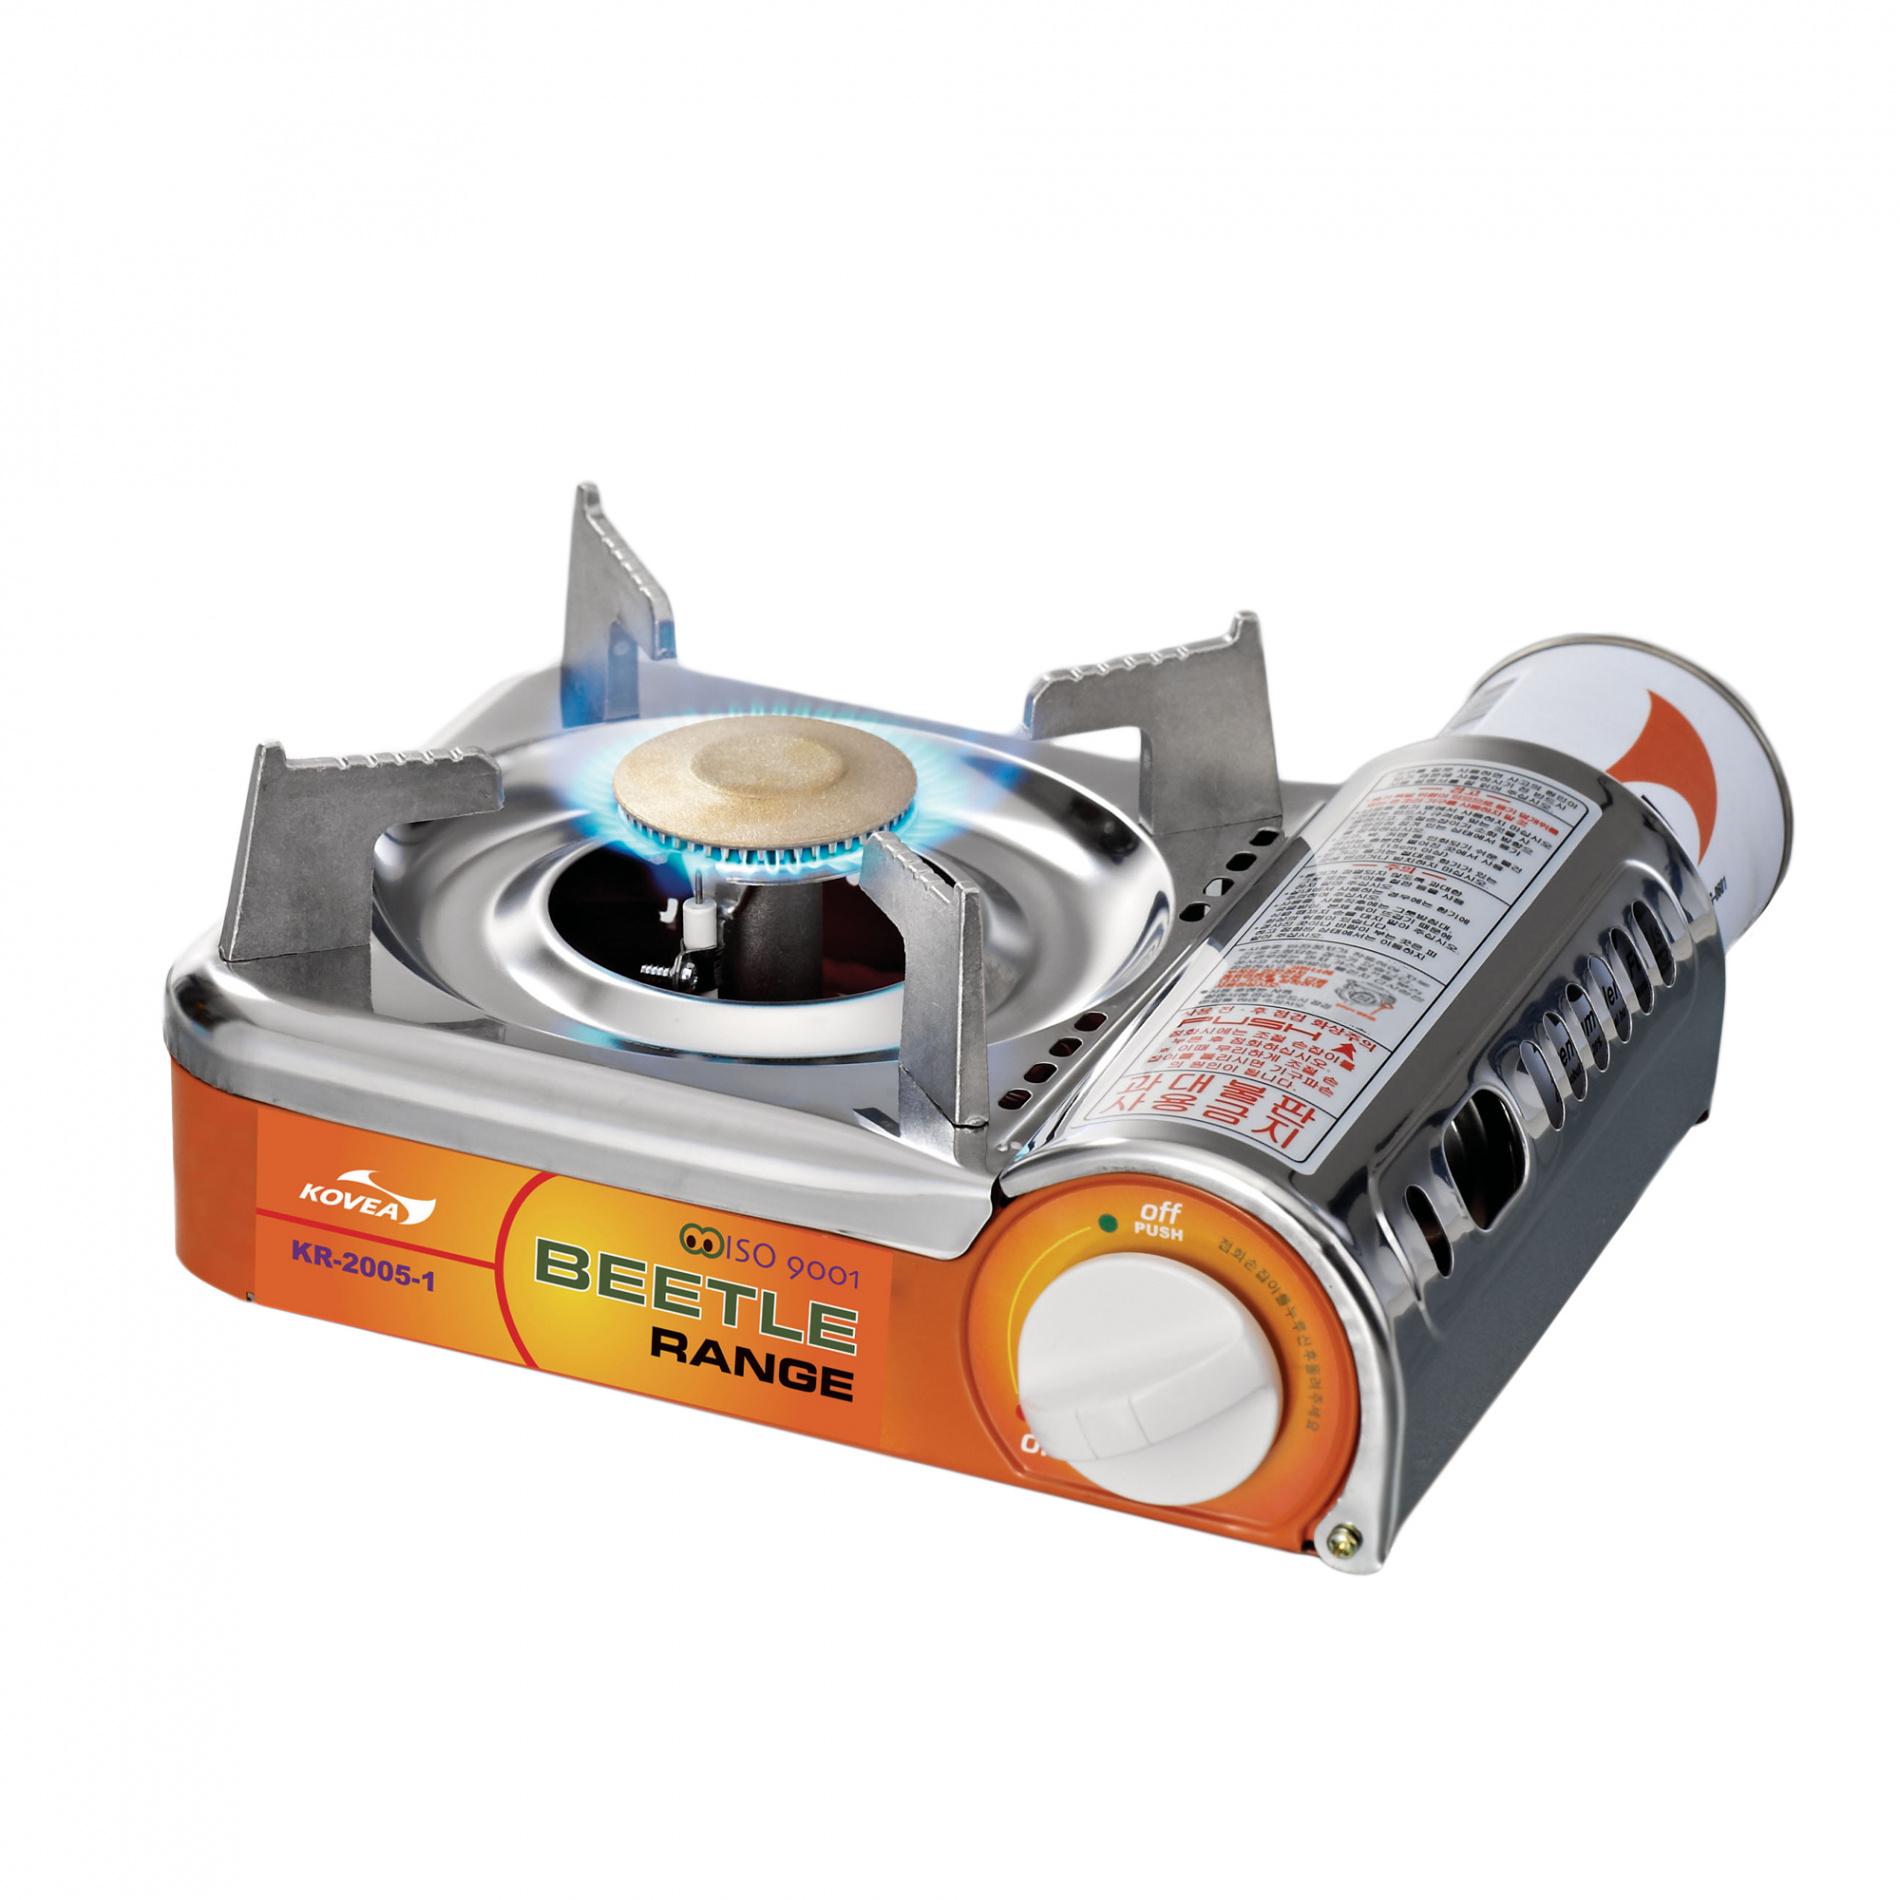 Плита газовая Kovea мини TKR-2005Плиты<br>Отличается от аналогов меньшим размером, <br>весом и увеличенной мощностью. Верхняя <br>панель выполнена из полированной нержавейки, <br>благодаря чему прекрасно моется. Плита <br>имеет предохранительный клапан избыточного <br>давления в газовом баллоне. Если баллон <br>перегреется и давление повысится выше допустимого, <br>подача газа сразу же прекратится. Возобновить <br>работу плиты можно, нажав красную кнопку <br>на редукторе. Также имеется блокировка <br>подачи газа, если баллон установлен криво <br>или ненадлежащим образом. Наличие дополнительных <br>средств безопасности повышает функциональность <br>и добавляет уверенности при работе с плитой. <br>Работает от цангового баллона 220 г., который <br>помещается внутри плиты. Комплектация: <br>Газовая плита, пластиковый кейс, инструкция <br>по эксплуатации. Модель KR-2005 Вес 1100 г Расход <br>топлива 130 г/ч Размер упаковки 240x125x220 мм <br>Диаметр конфорки 18 см Пъезоэлемент есть<br>